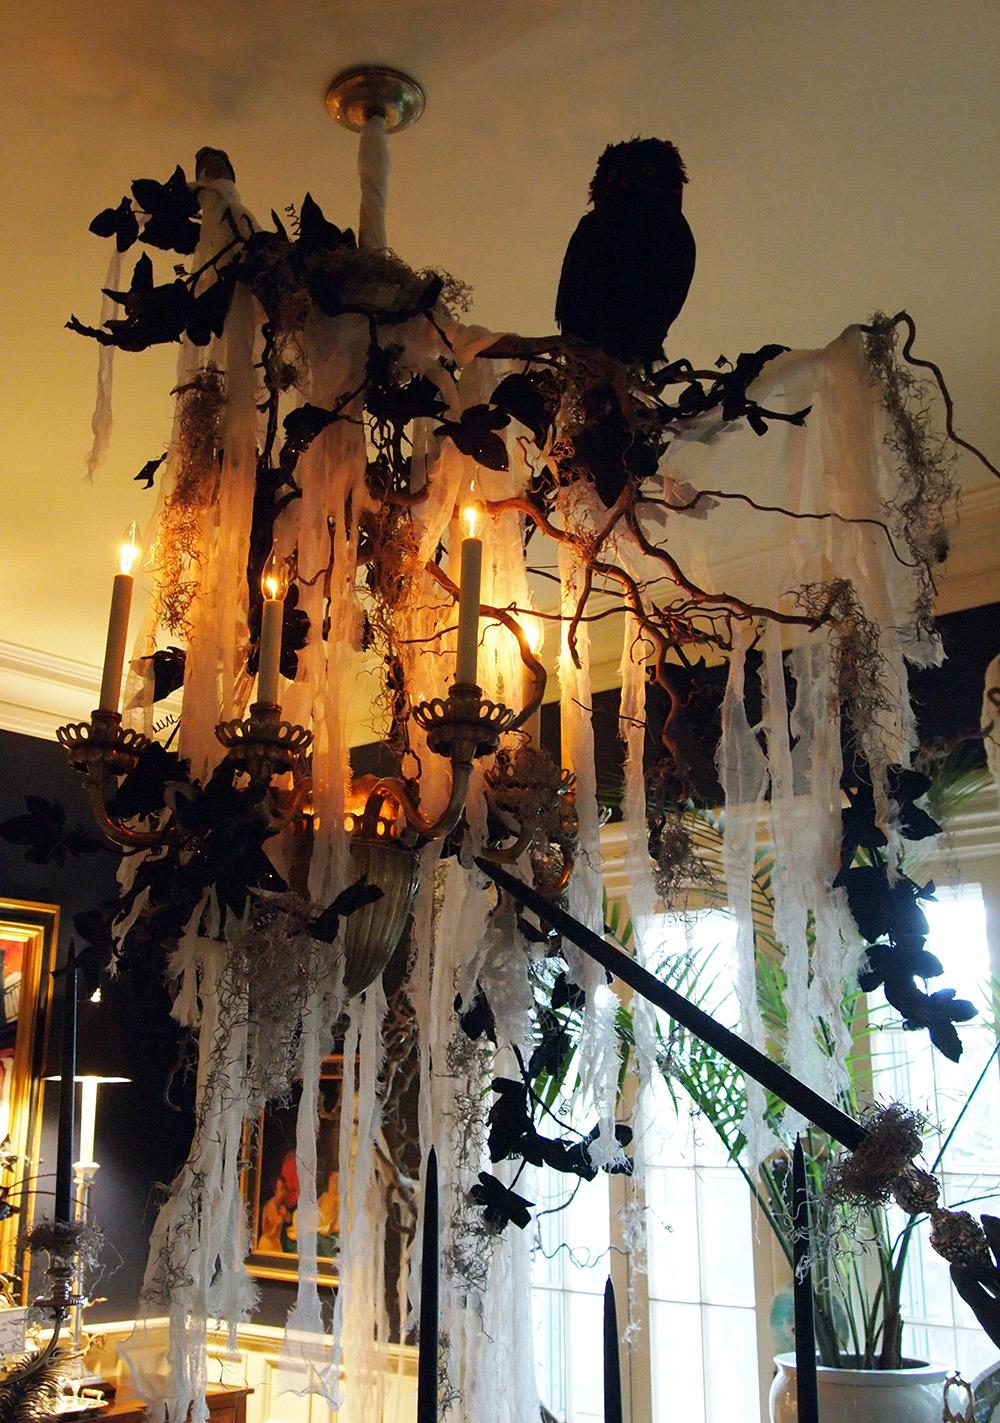 halloween indoor decorations ideas halloween indoor decorations - Halloween Decorations Indoor